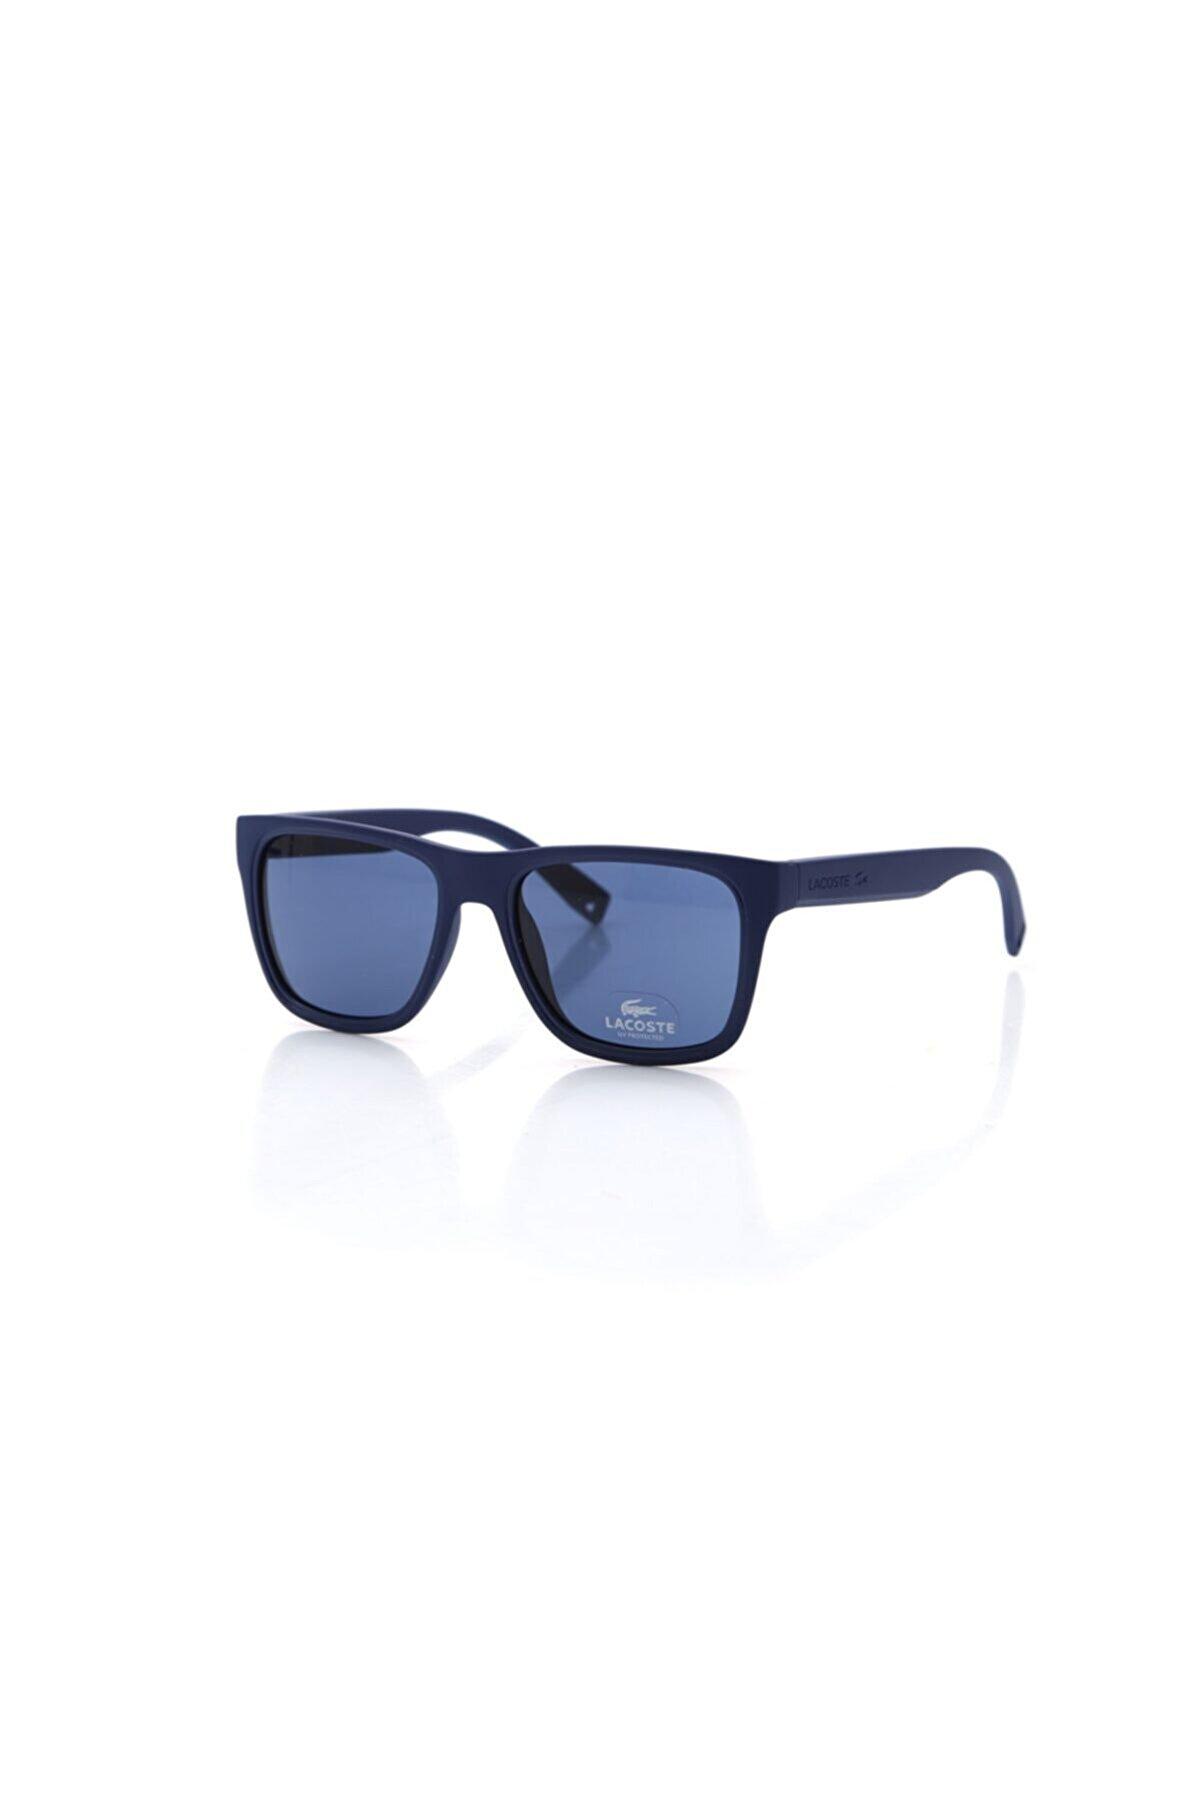 Lacoste Unisex Lacivert Güneş Gözlüğü L 816s 421